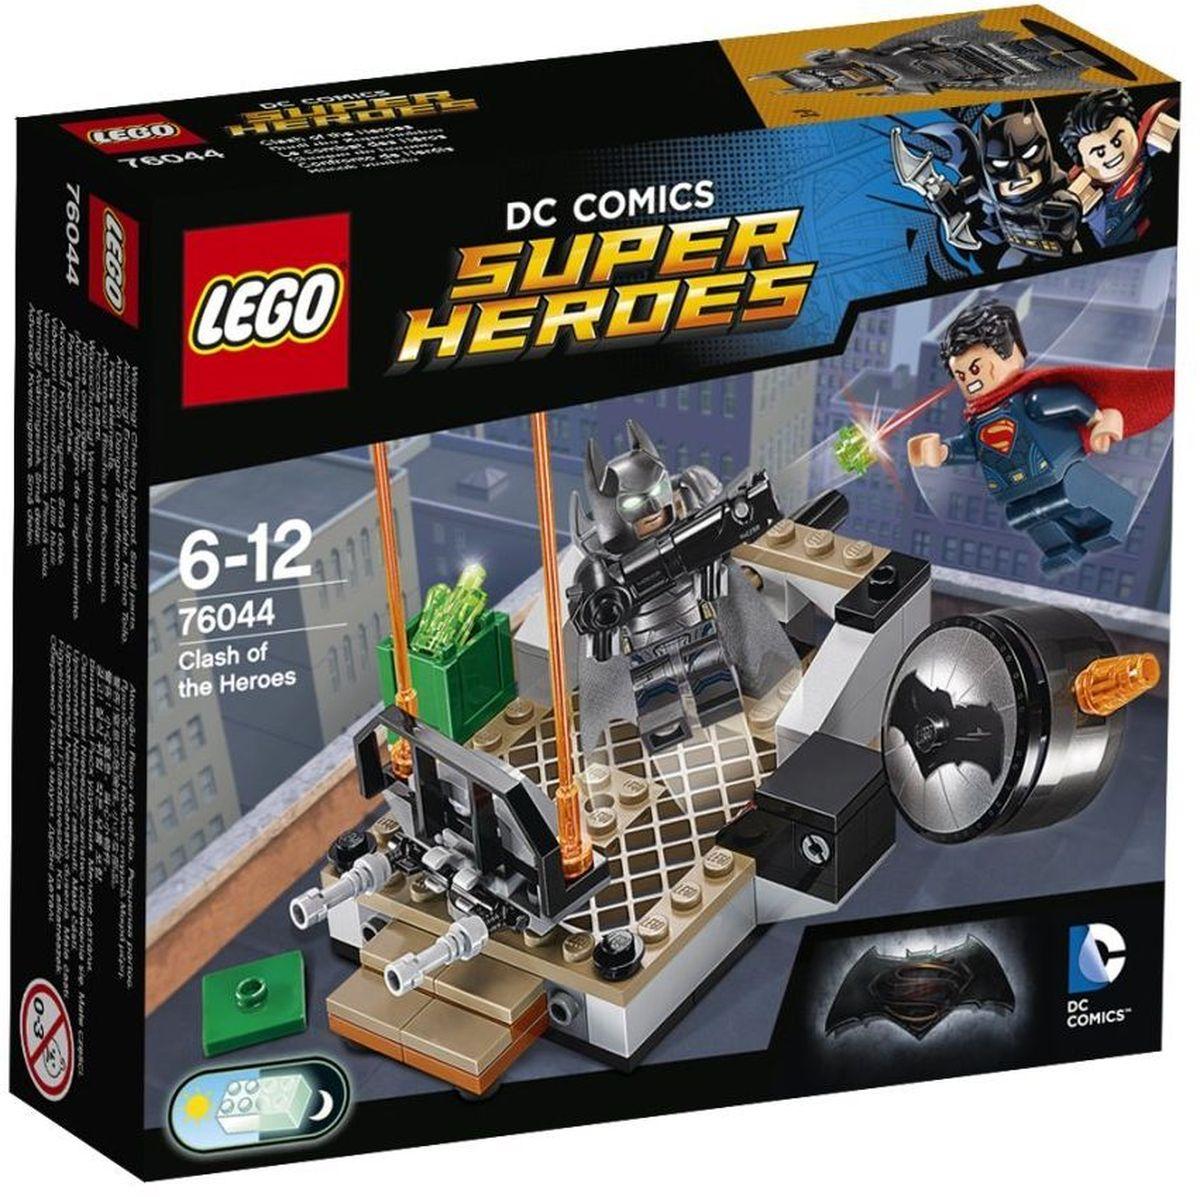 LEGO Super Heroes Конструктор Битва супергероев 7604476044У Бэтмена в костюме-броне светящиеся в темноте глаза, и он любит пострелять из своей базуки. Круши барьеры с помощью суперджампера Супермена и взрывай Бэтсигнал. Но будь осторожен: Бэтмен в костюме-броне может пуститься с крыши в любой момент! Кто одержит победу в схватке героев? Только тебе решать! Конструктор LEGO Super Heroes Битва супергероев включает в себя 92 разноцветных пластиковых элемента с двумя фигурками супергероев. Конструктор - это один из самых увлекательных и веселых способов времяпрепровождения. Ребенок сможет часами играть с конструктором, придумывая различные ситуации и истории.